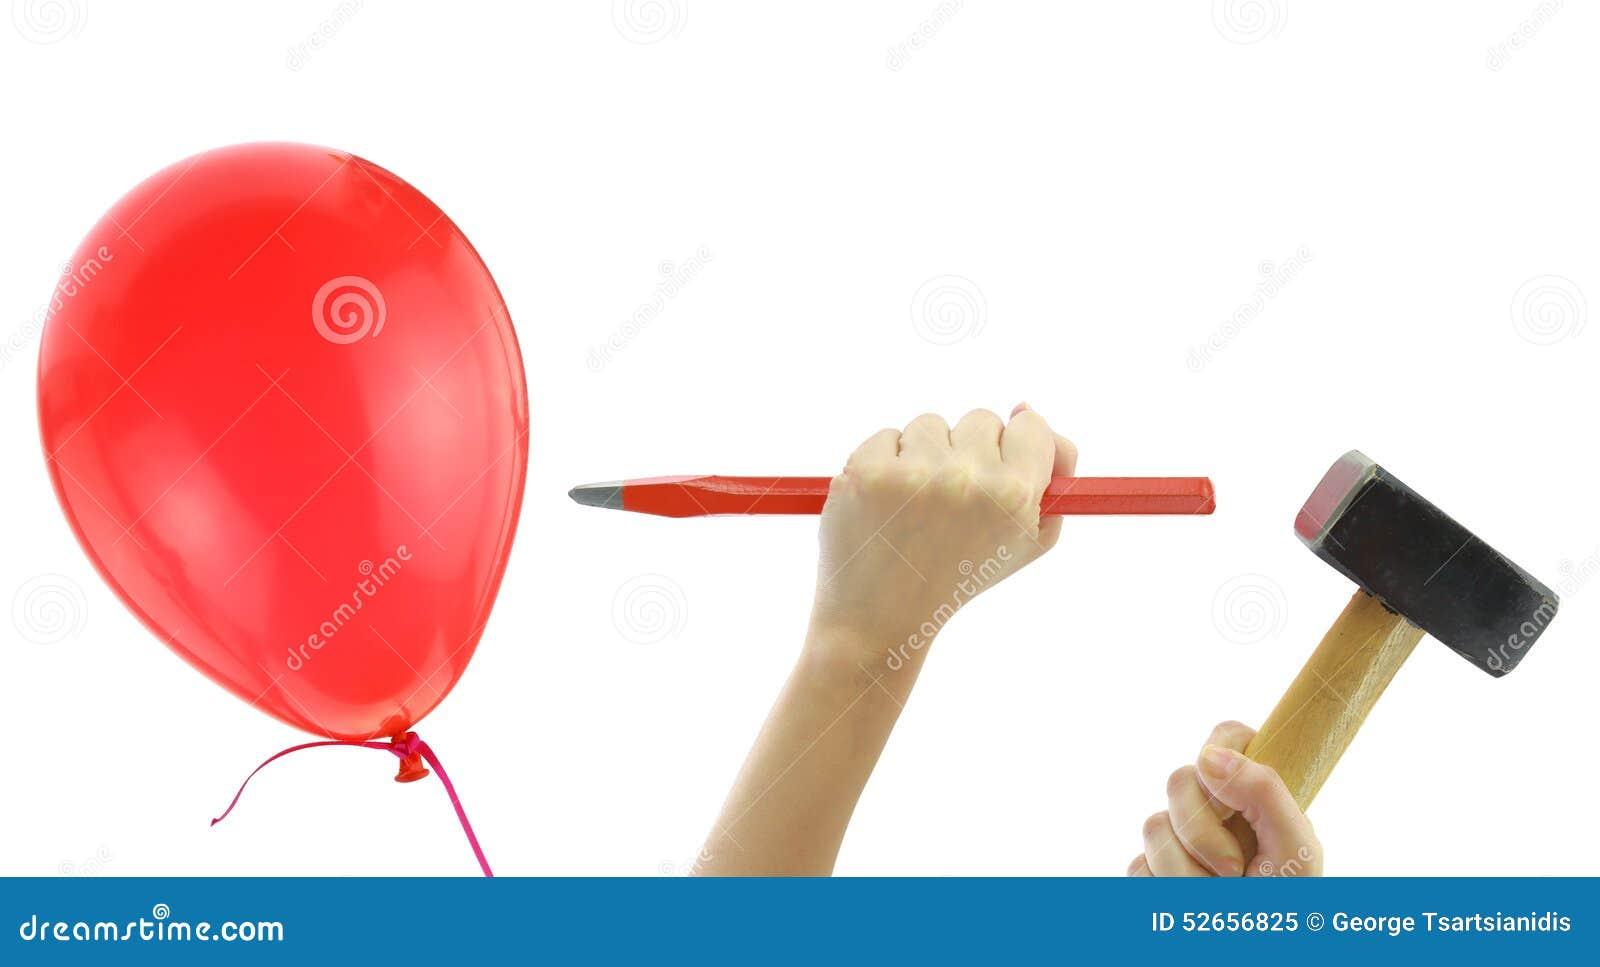 Ceselli e martelli circa per schioccare un pallone